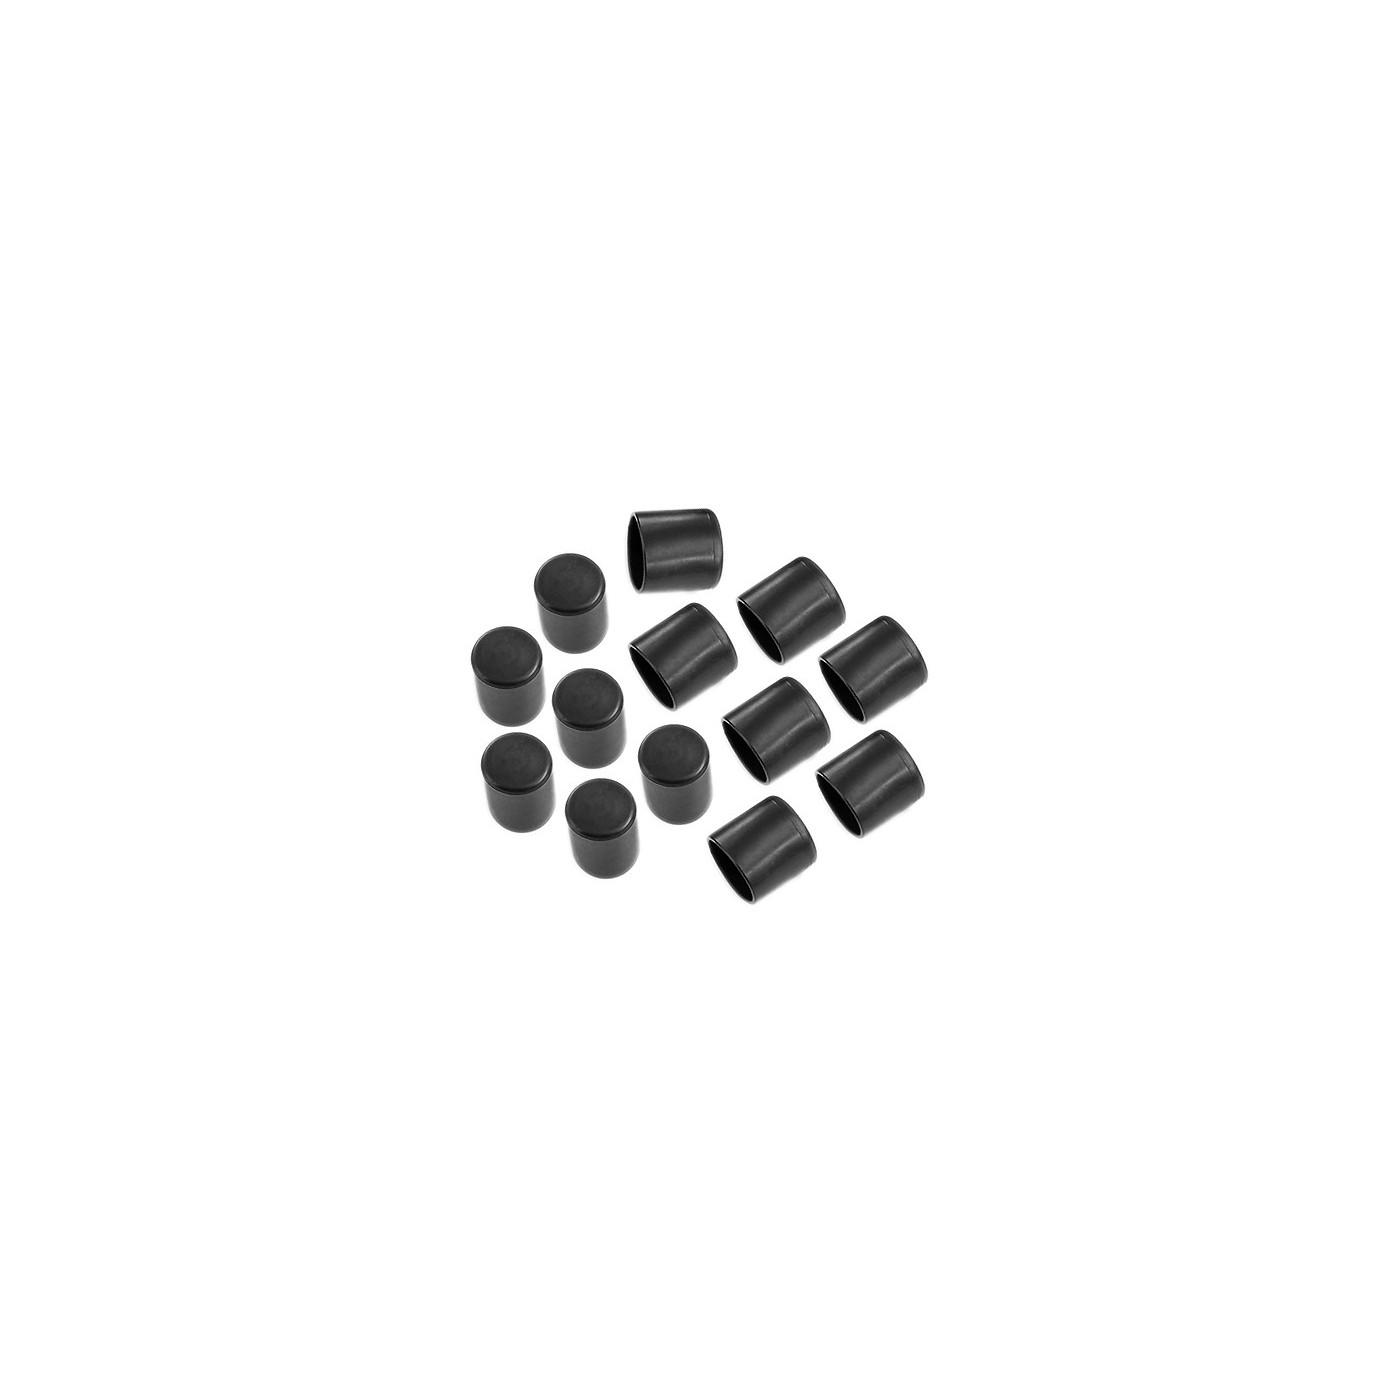 Zestaw 32 silikonowych nakładek na nogi krzesła (zewnętrzne, okrągłe, 22 mm, czarne) [O-RO-22-B]  - 1